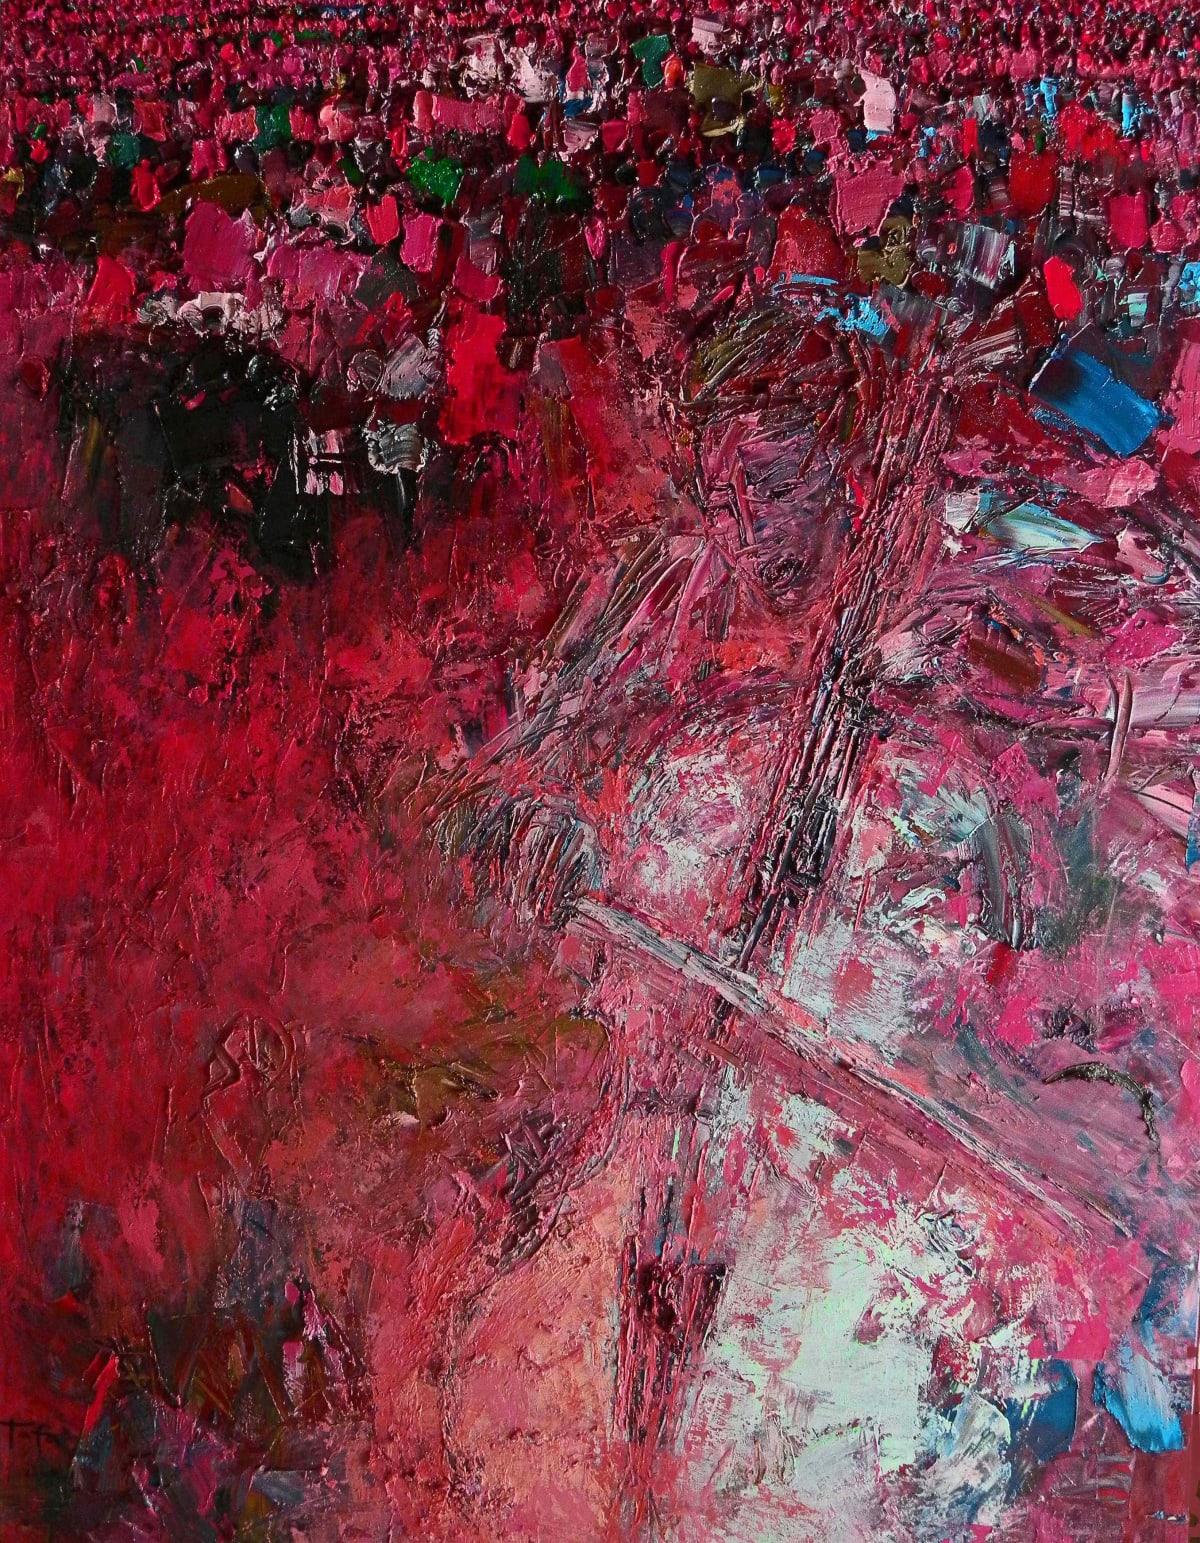 TAFA Yo Yo Ma and Crowd Oil on Canvas 39 x 51